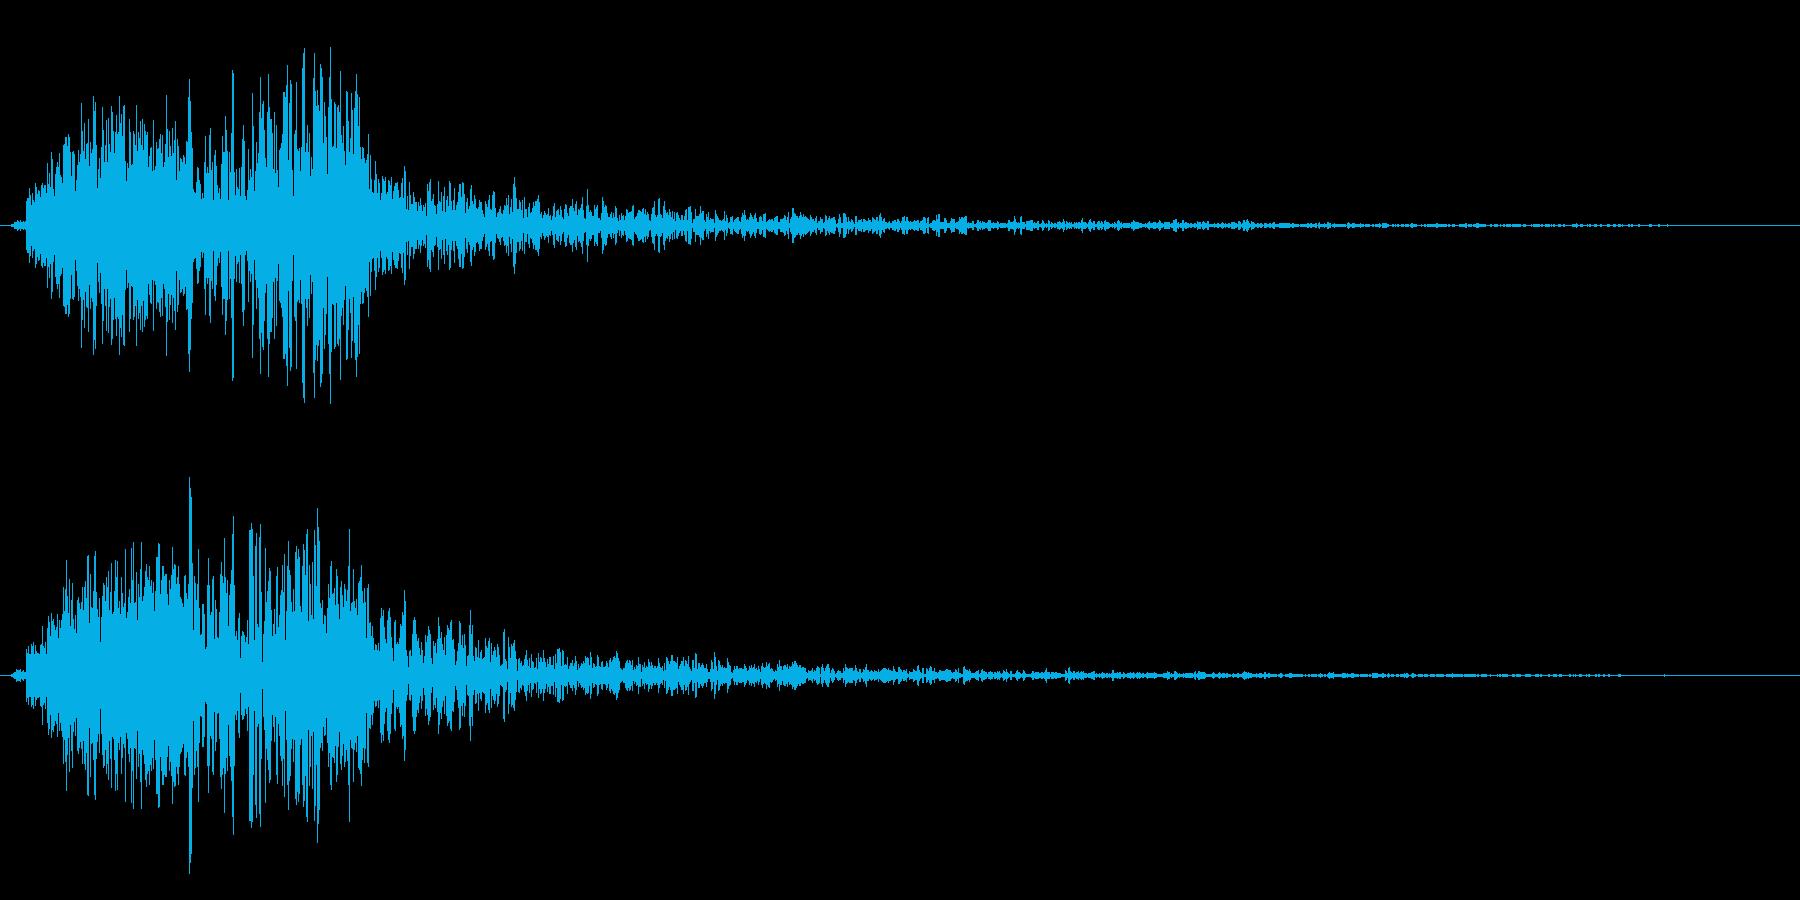 刀を振り払うような時代劇音の再生済みの波形